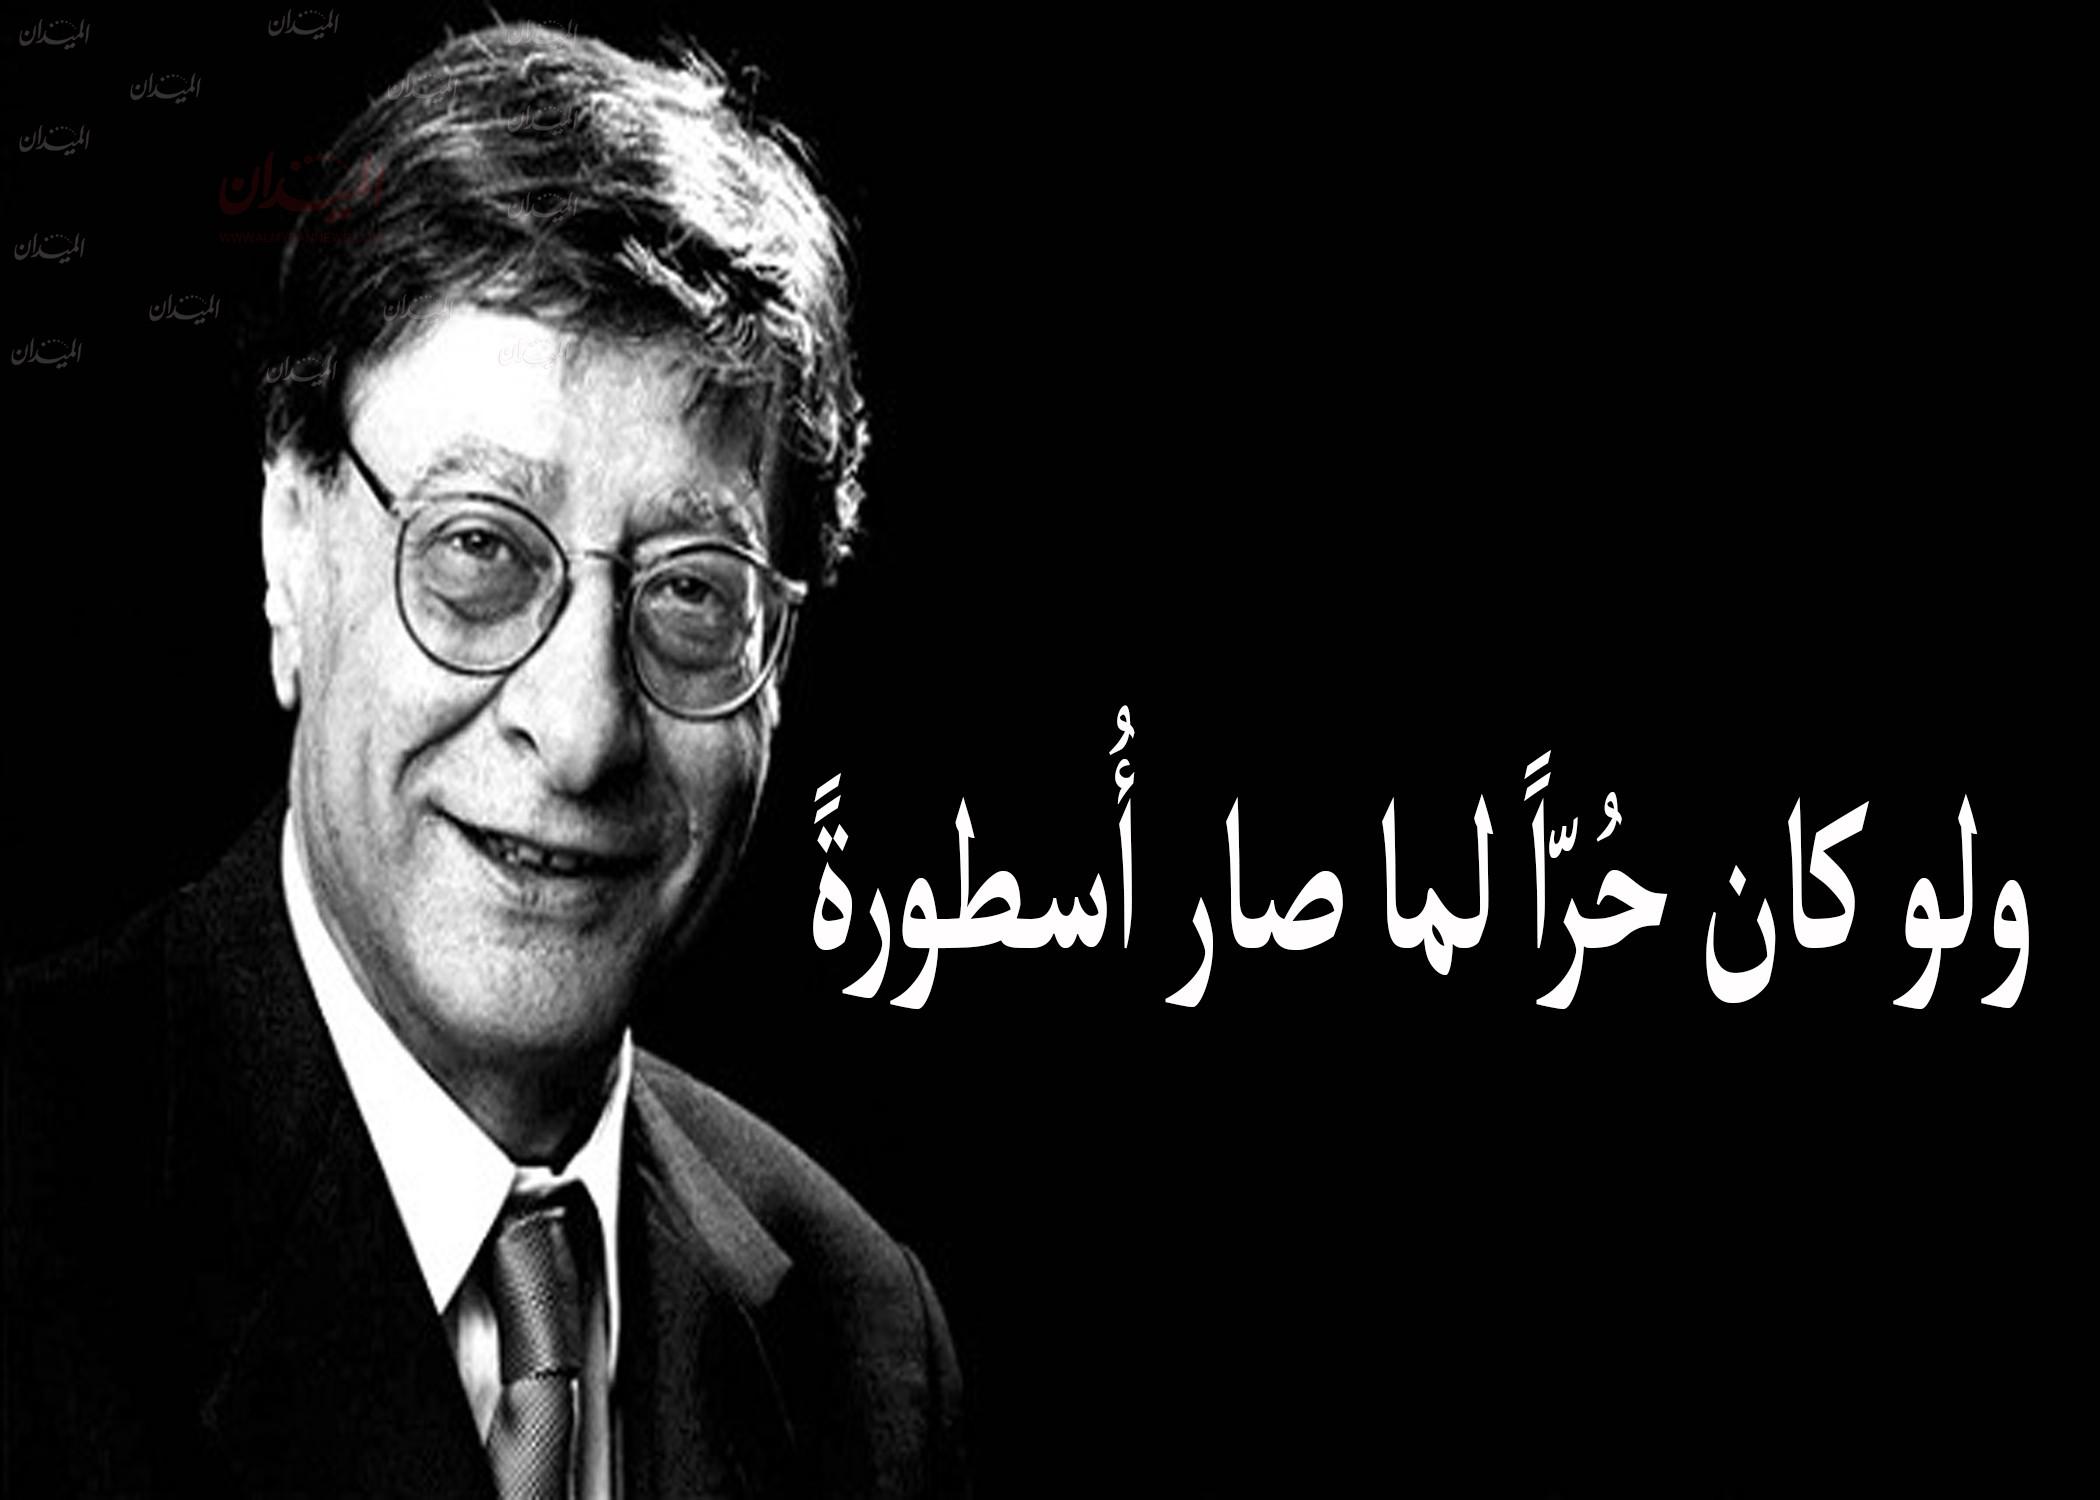 بالصور شعر محمود درويش , اجمل الاشعار 3291 2